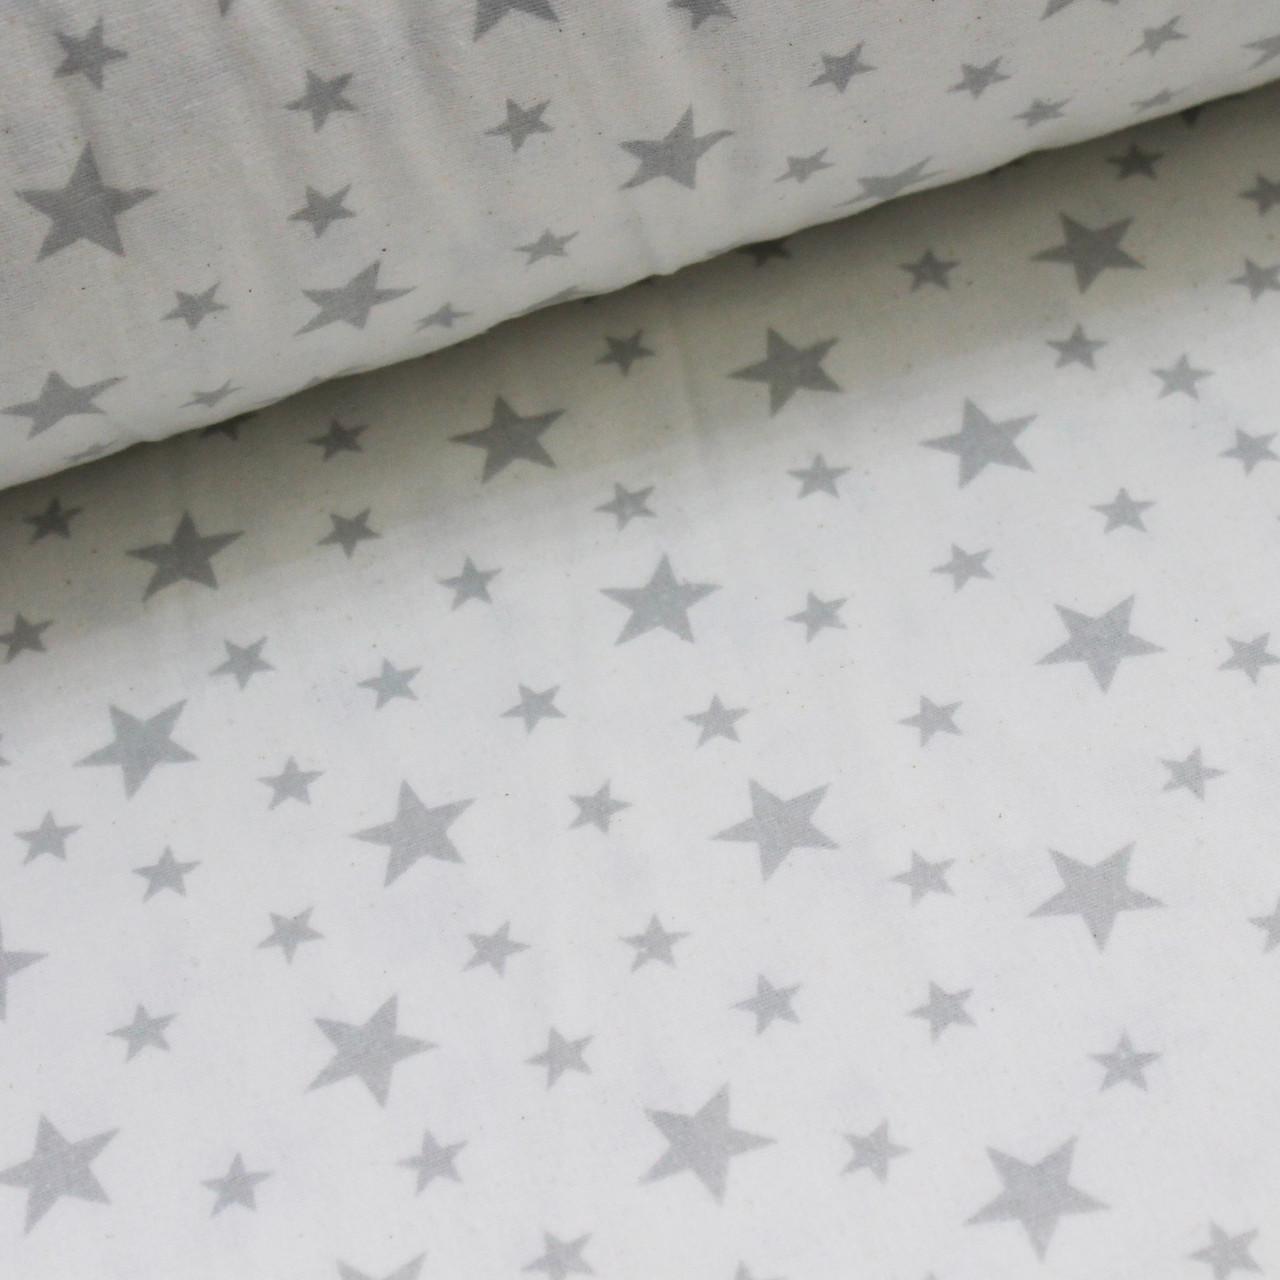 Фланелевая ткань (ТУРЦИЯ шир. 2,4) серый звездопад на белом ОТРЕЗ (0,4*2,4)